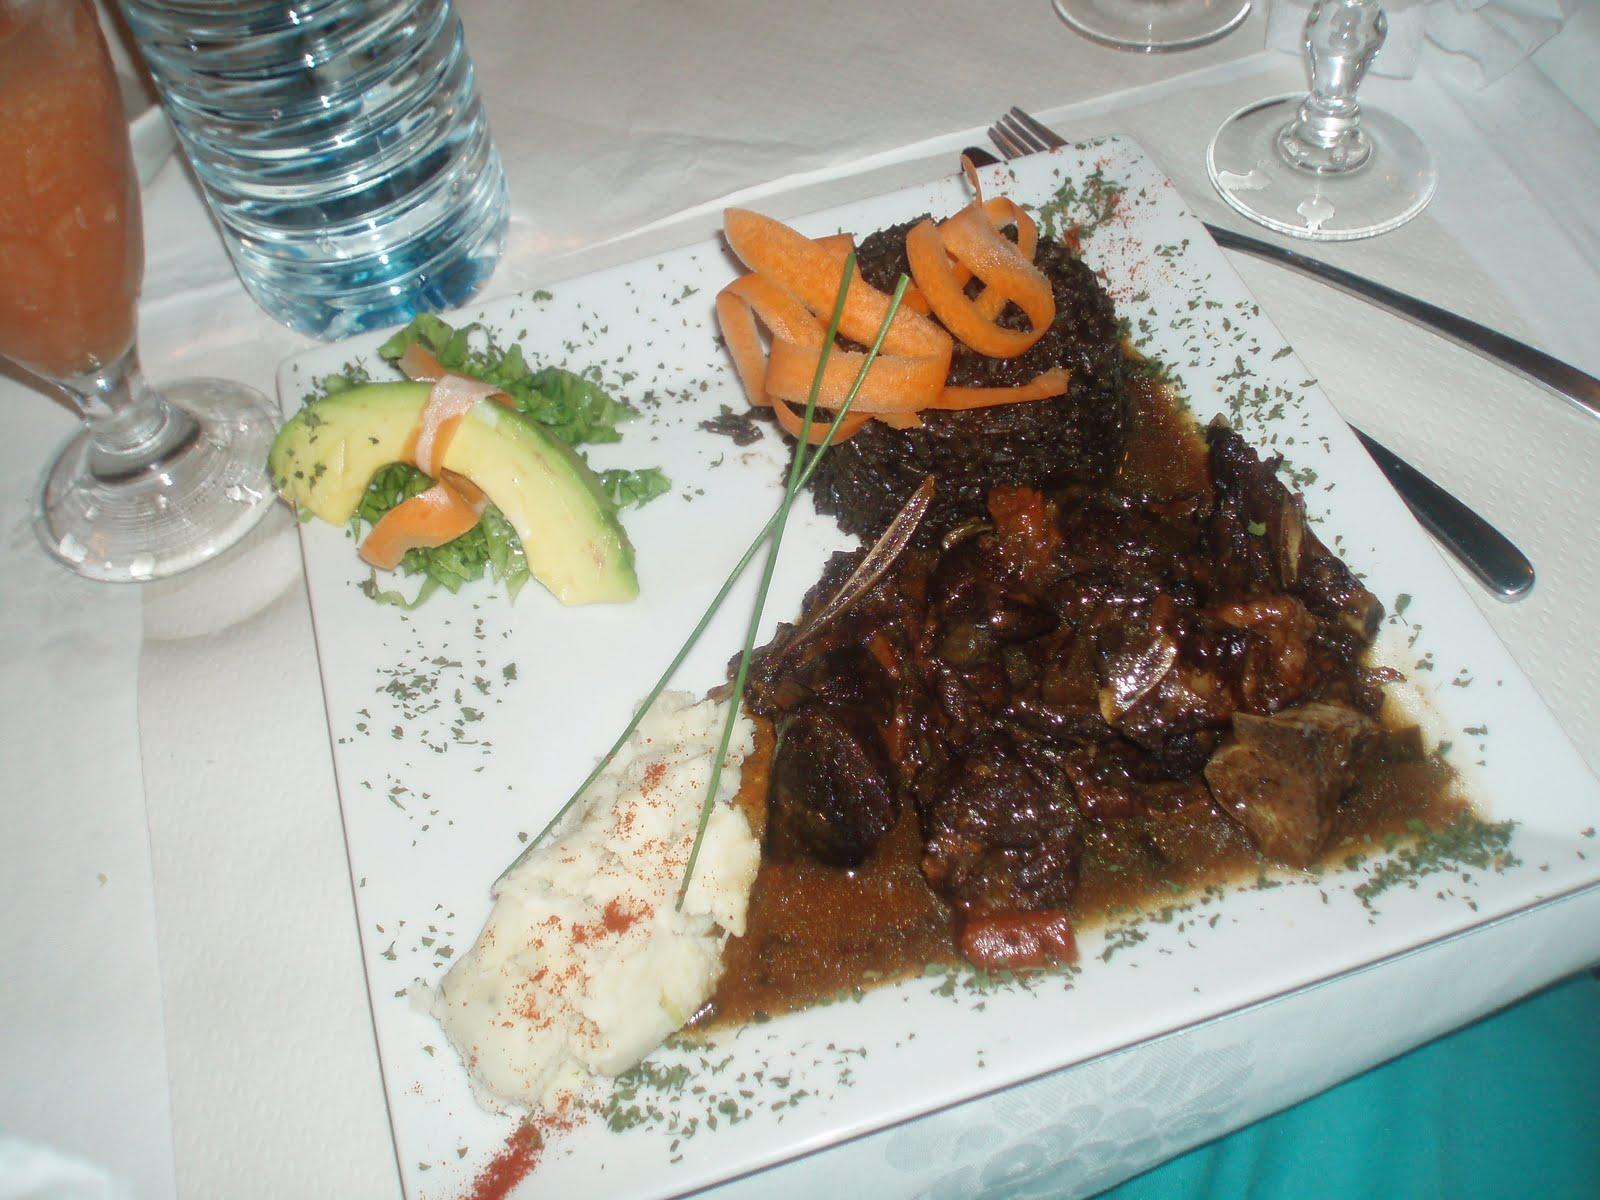 Thelifegasms la cuisine des antilles cuisine of the antilles martinique and guadeloupe - Cuisine de la guadeloupe ...